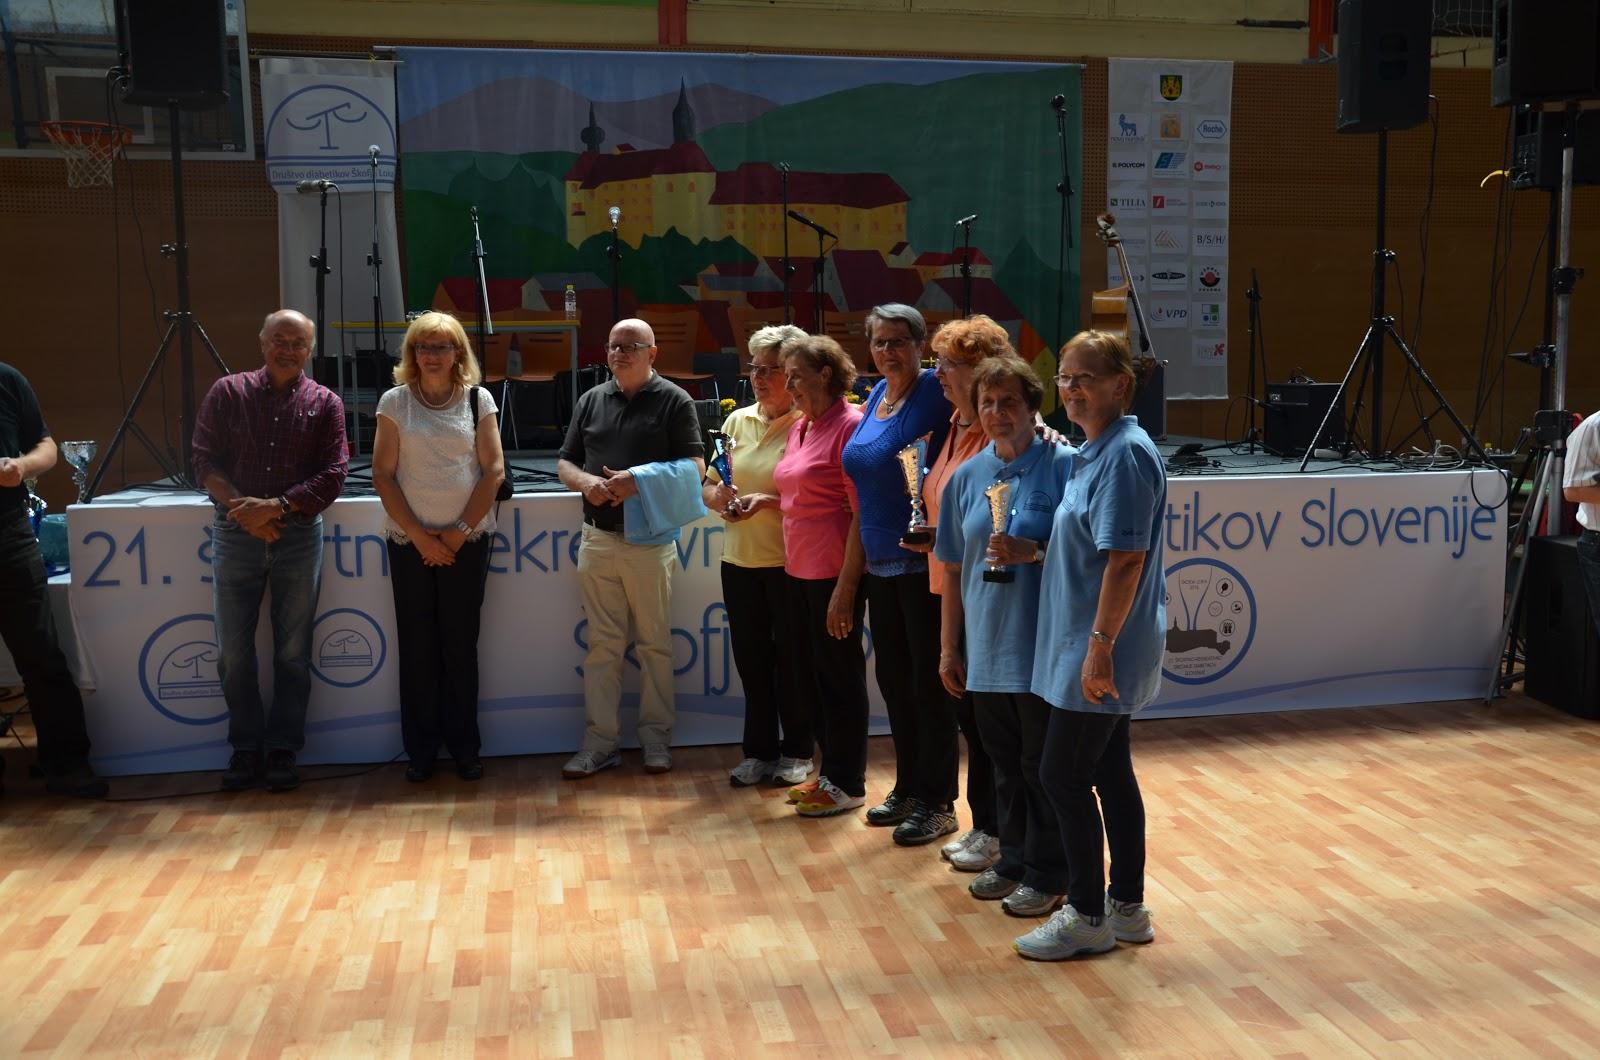 21. športno srečanje diabetikov Slovenije - DSC_1124.JPG